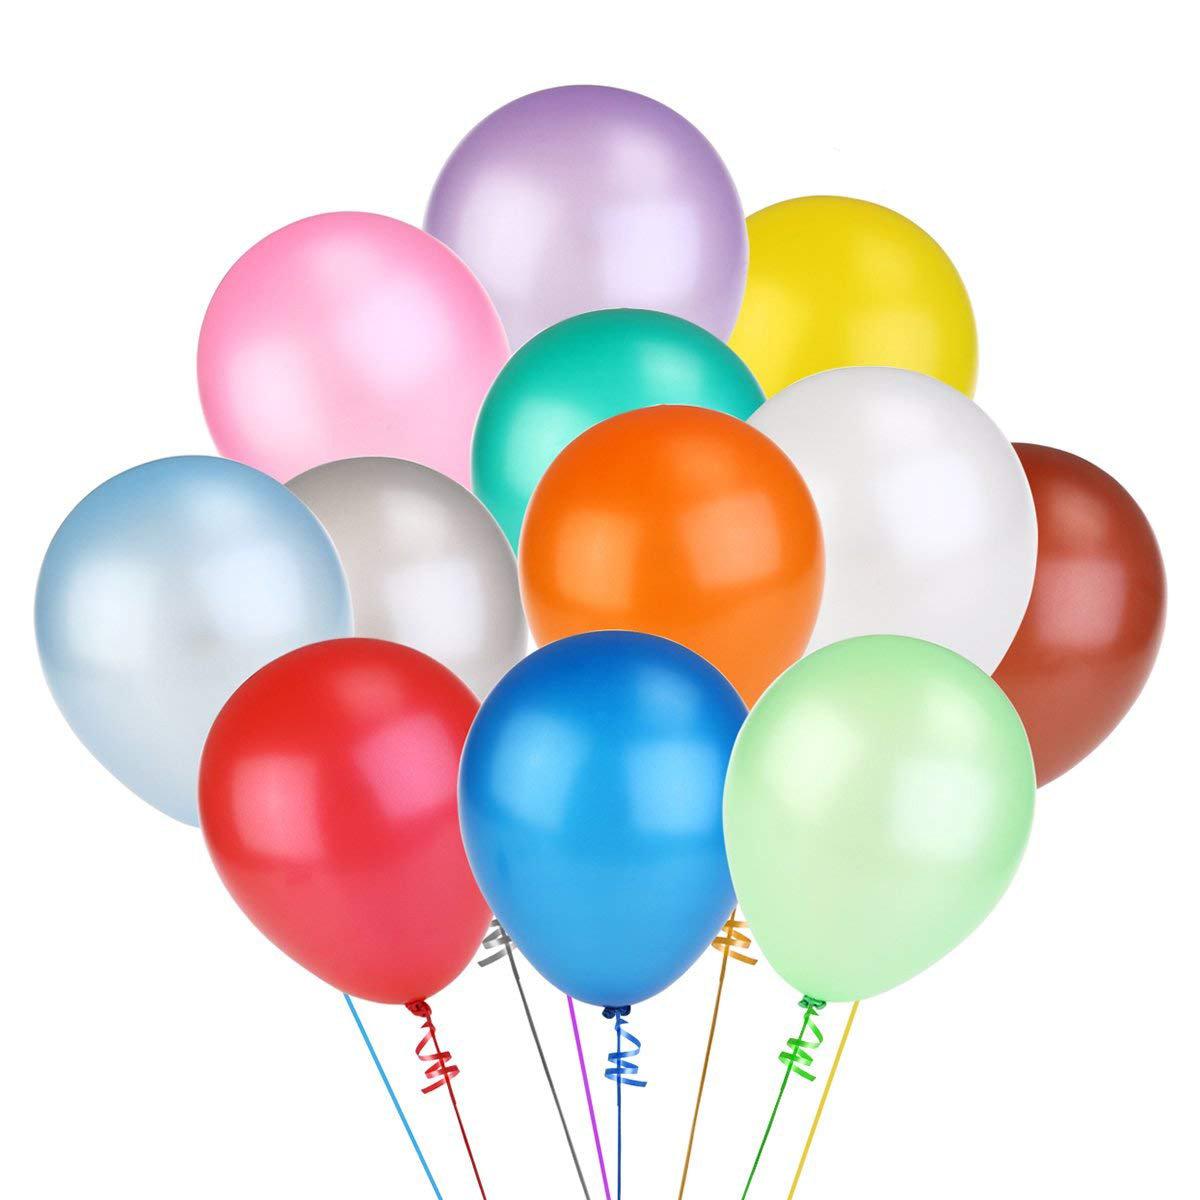 【100個】12寸氣球 光亮色乳膠氣球 100個隨機顏色